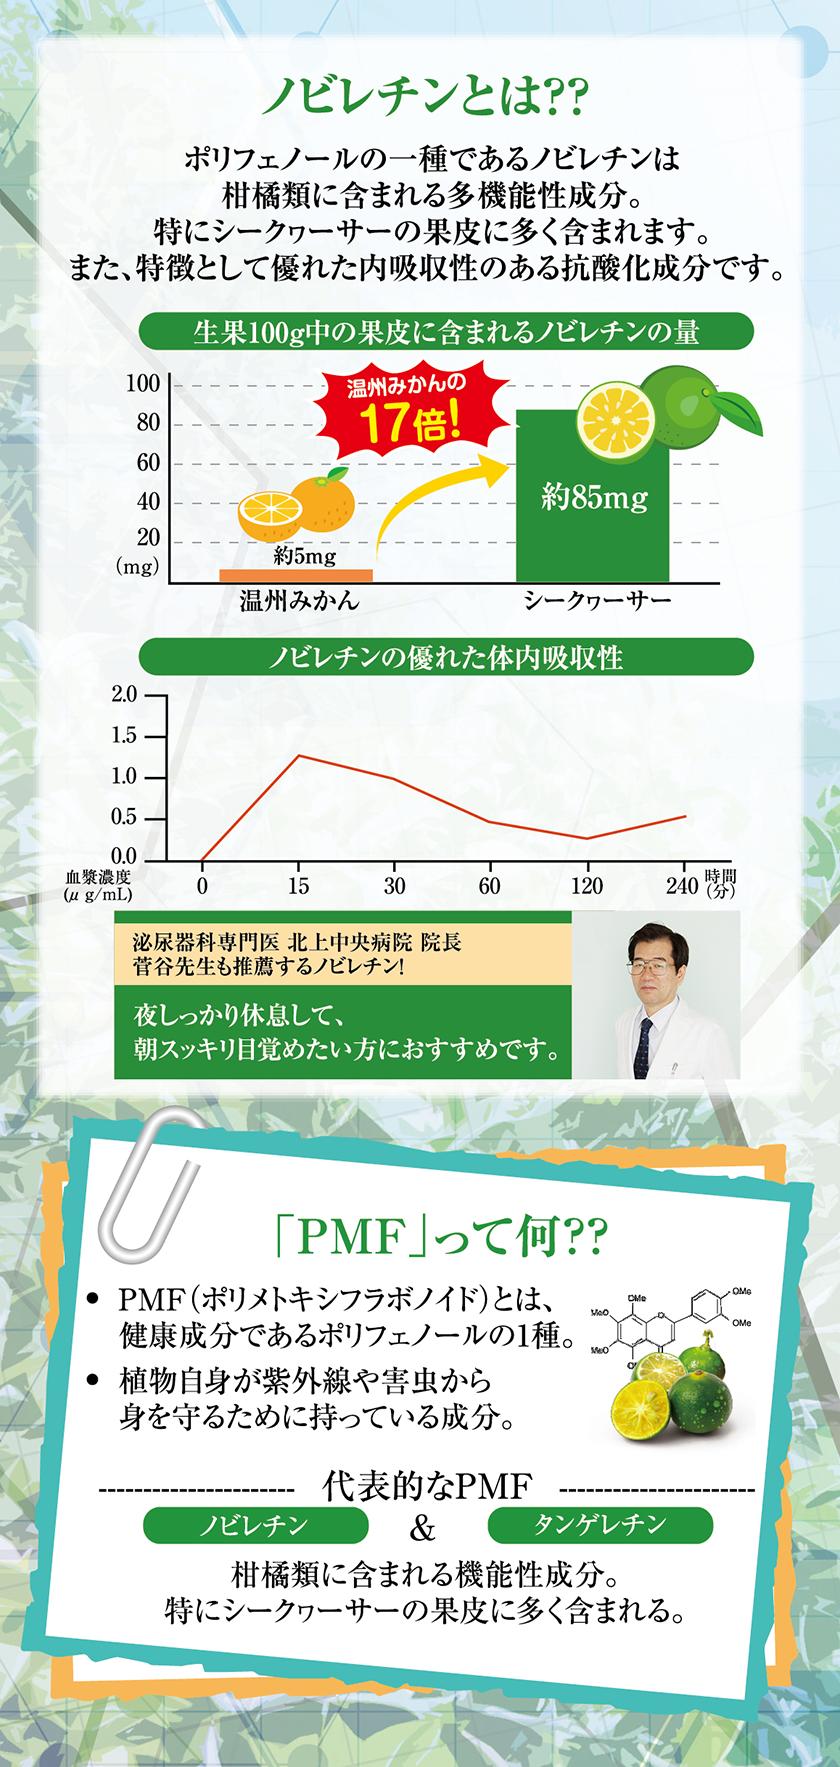 ノビレチンとは??ポリフェノールの一種であるノビレチンは柑橘類に含まれる多機能性成分。特にシークヮーサーの果皮に多く含まれます。また、特徴として優れた内吸収性のある抗酸化成分です。夜しっかり休息して、朝スッキリ目覚めたい方におすすめです。「PMF」って何??・PMF(ポリメトキシフラボノイド)とは、健康成分であるポリフェノールの1種。・植物自身が紫外線や外注から身を守るために持っている成分。 代表的なPMF「ノビレチン」と「タンゲレチン」柑橘類に含まれる機能性成分。特にシークヮーサーの果皮に多く含まれる。